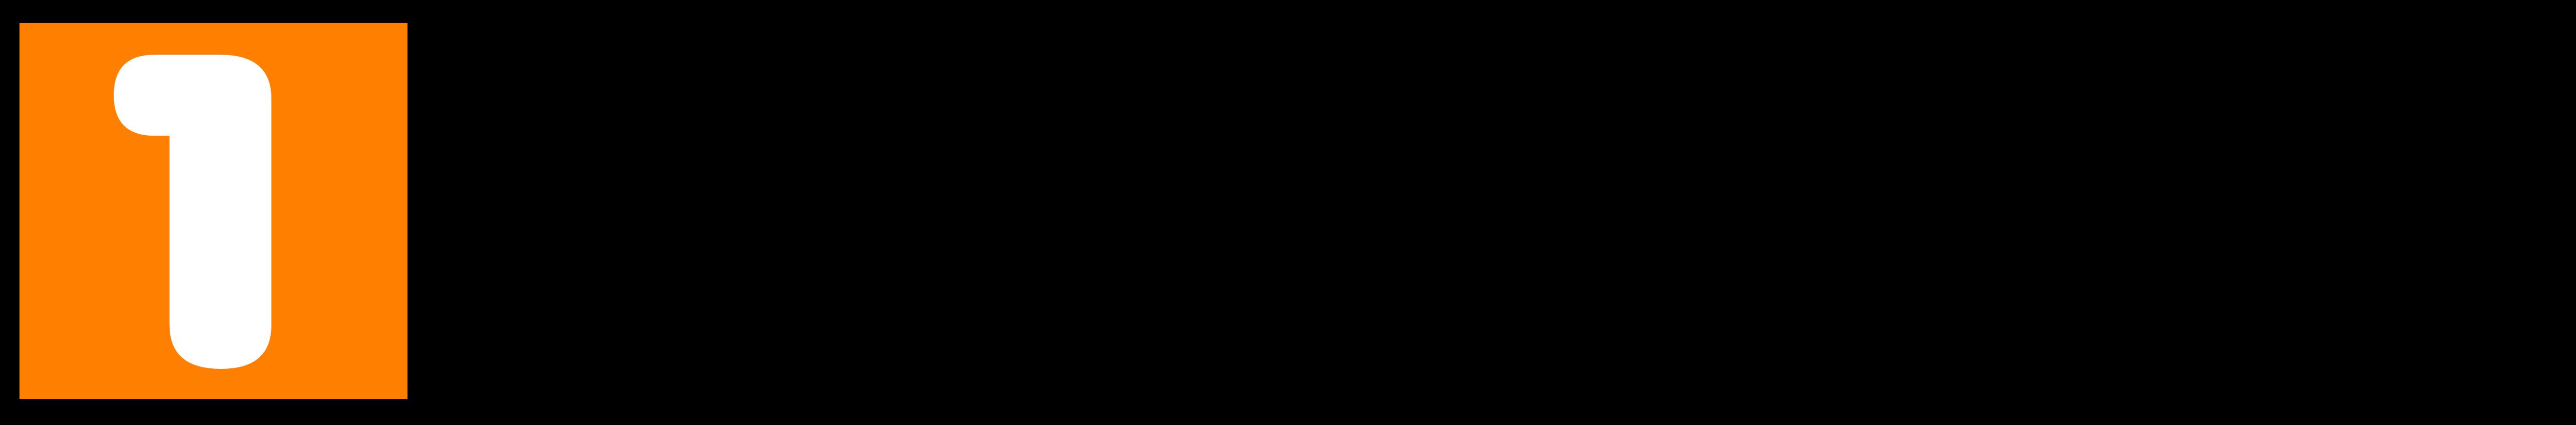 1 music radio logo png #2341